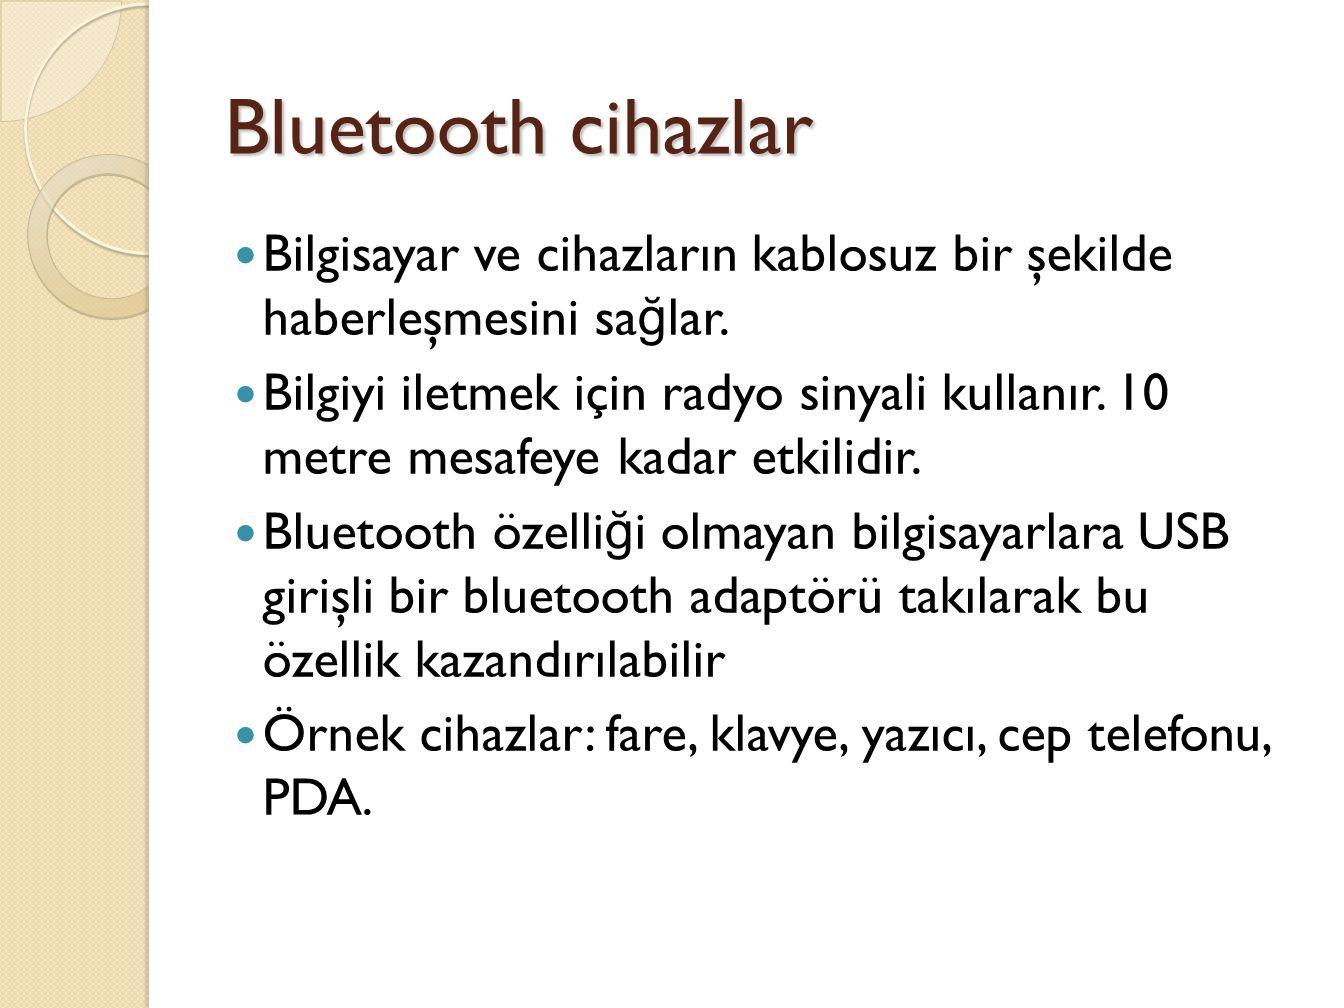 Bluetooth cihazlar Bilgisayar ve cihazların kablosuz bir şekilde haberleşmesini sa ğ lar.